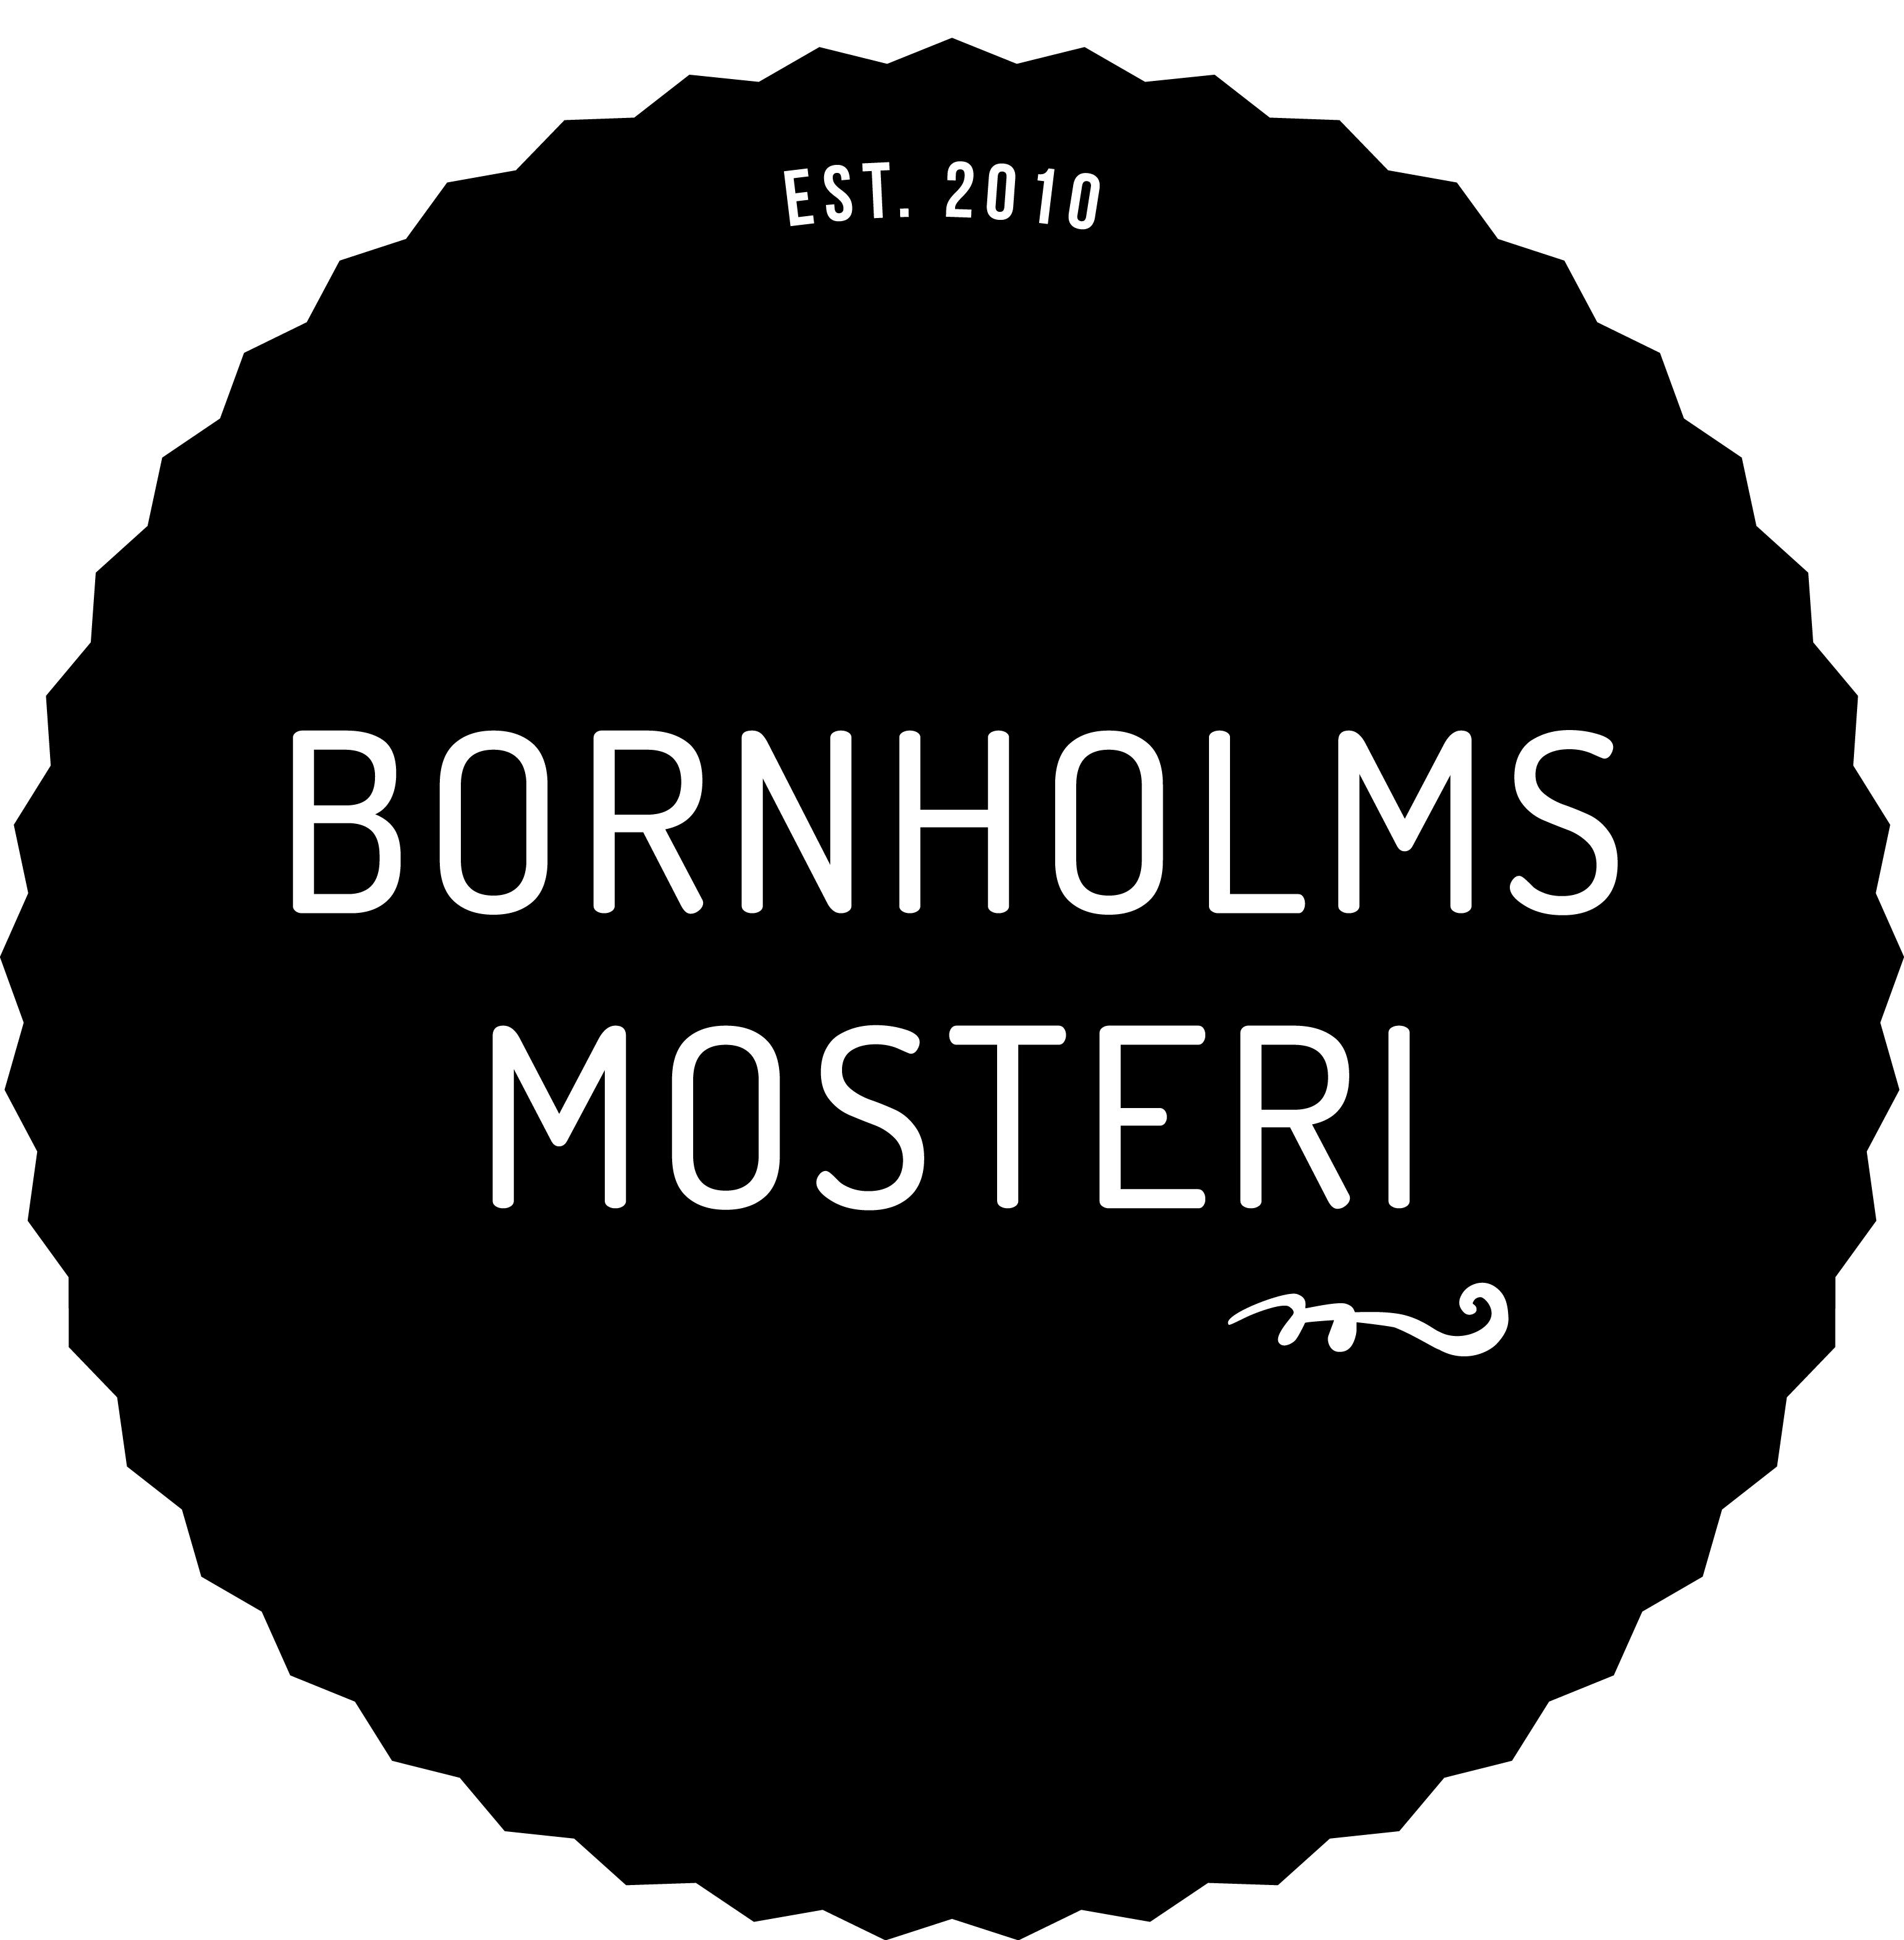 Billedresultat for bornholms mosteri